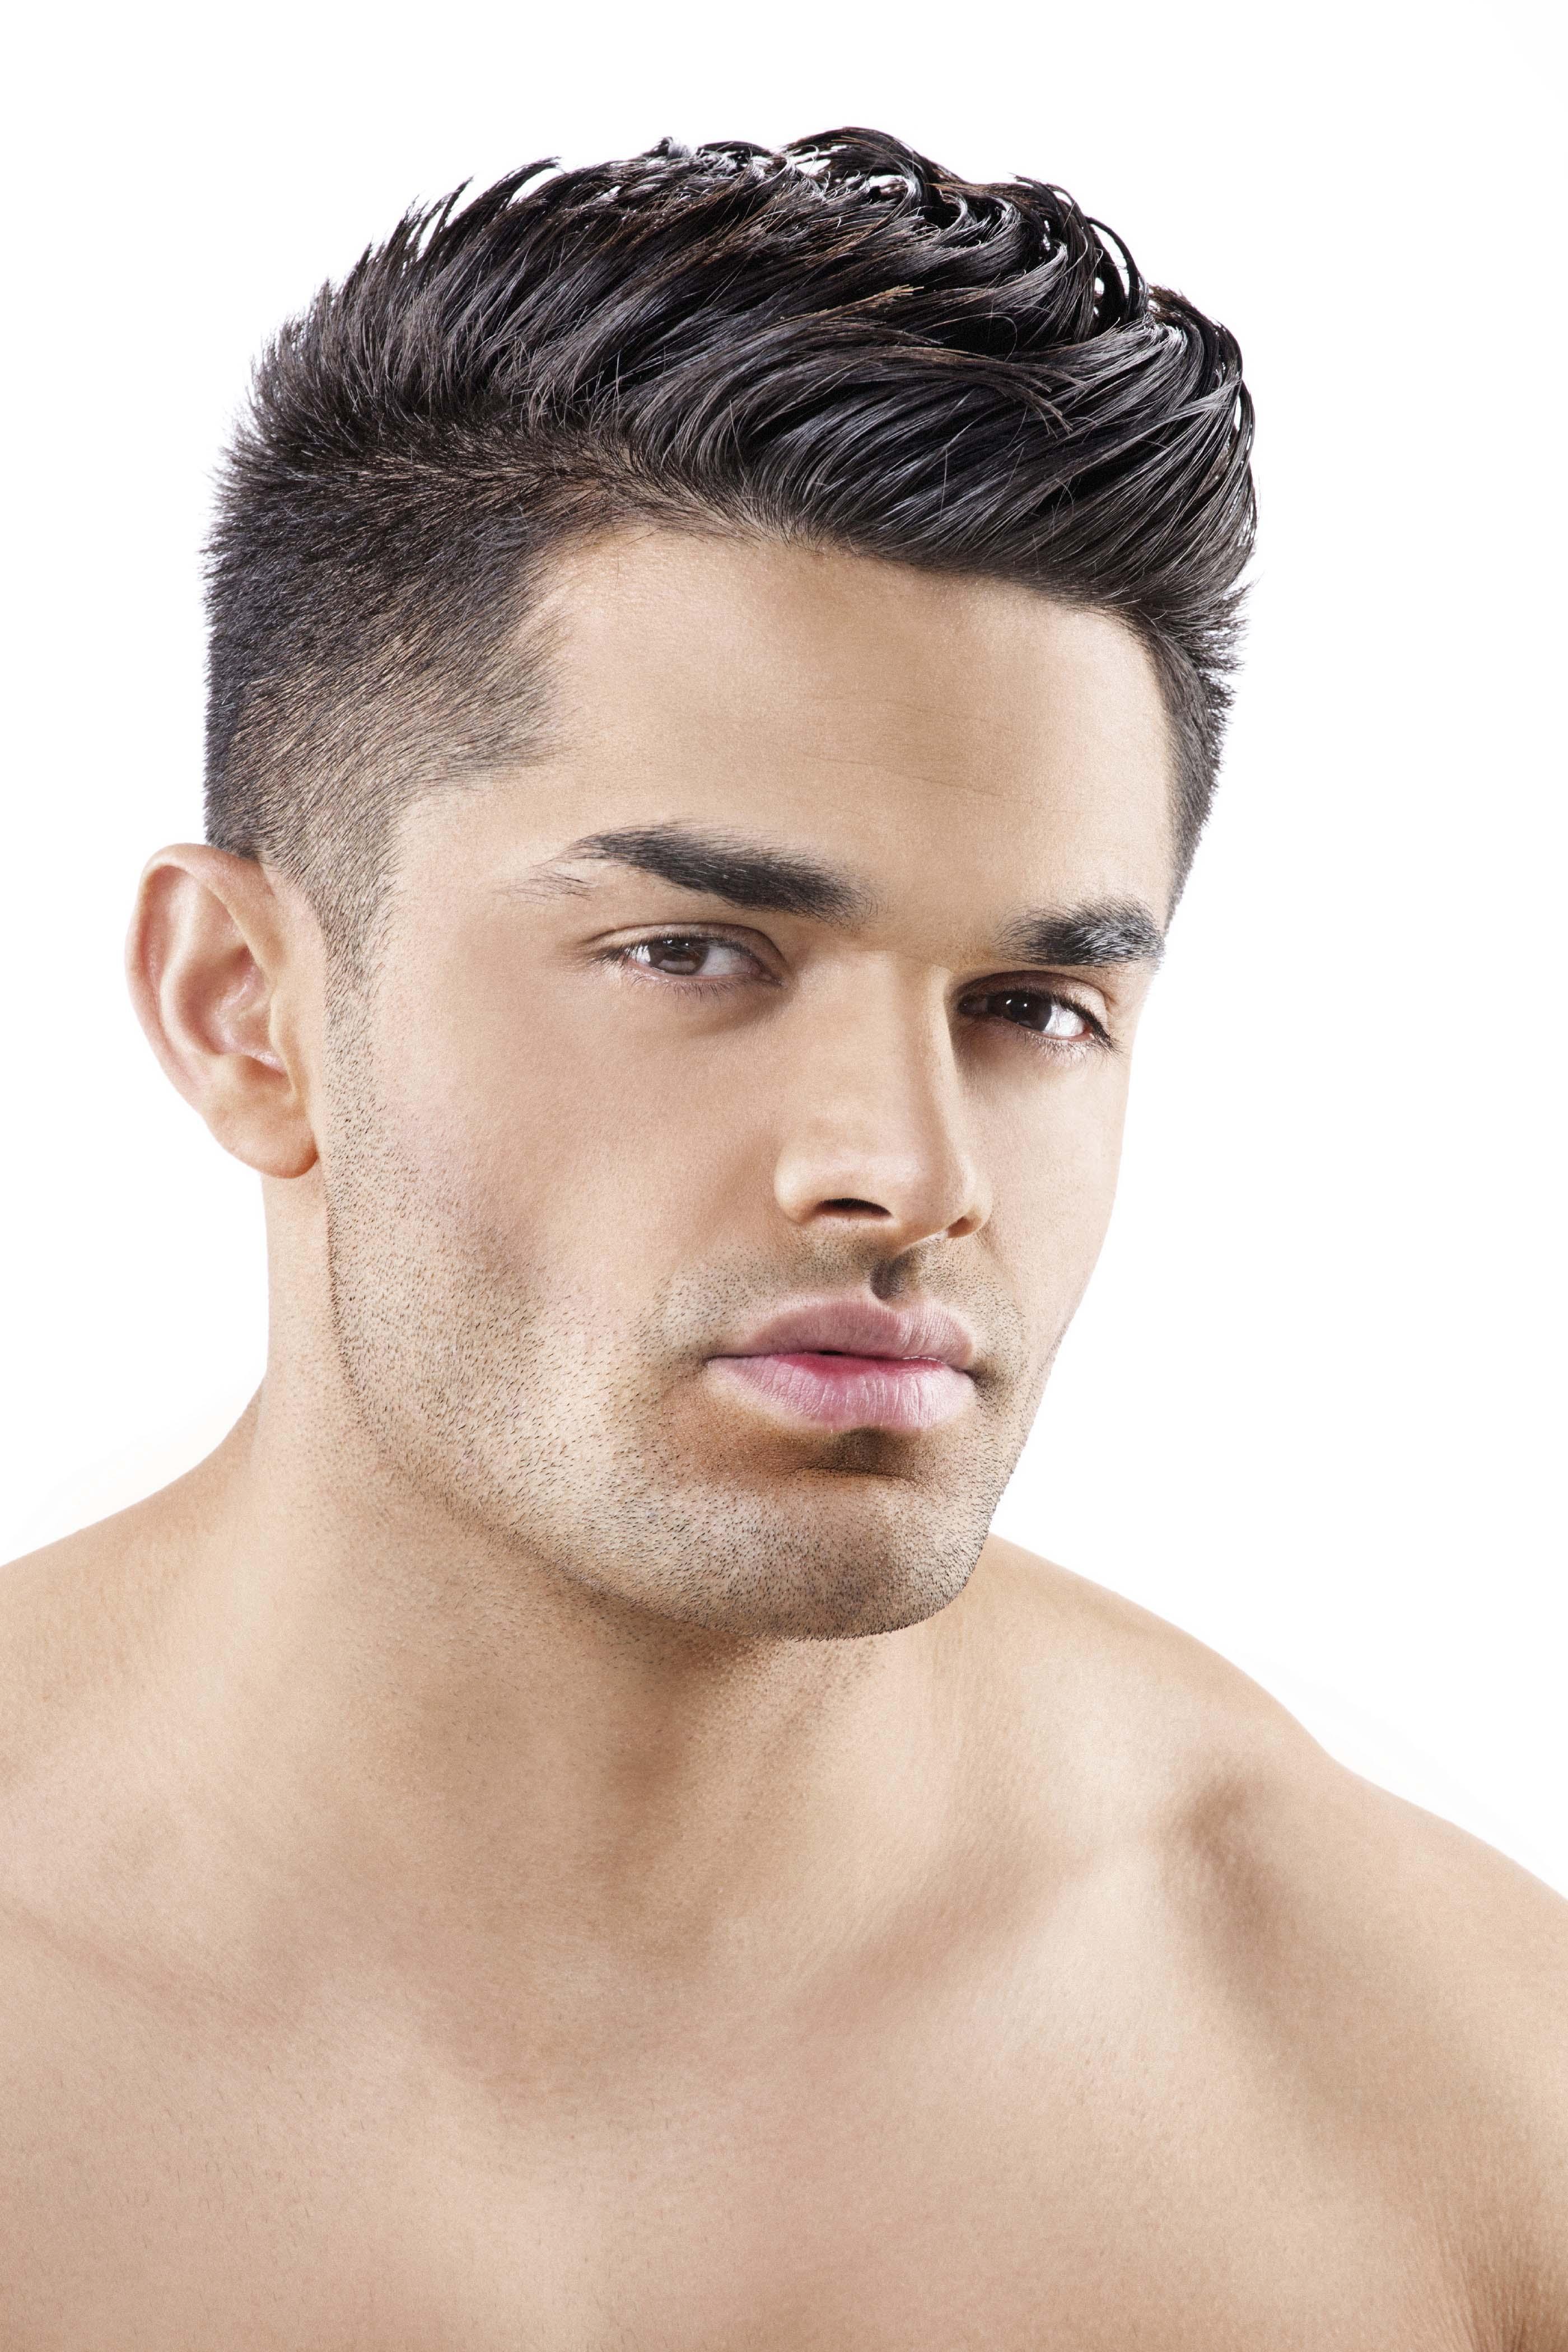 Formas de moda también peinados chico degradado Colección De Cortes De Pelo Tutoriales - Corte de pelo degradado: 12 estilos del corte fade para hombre